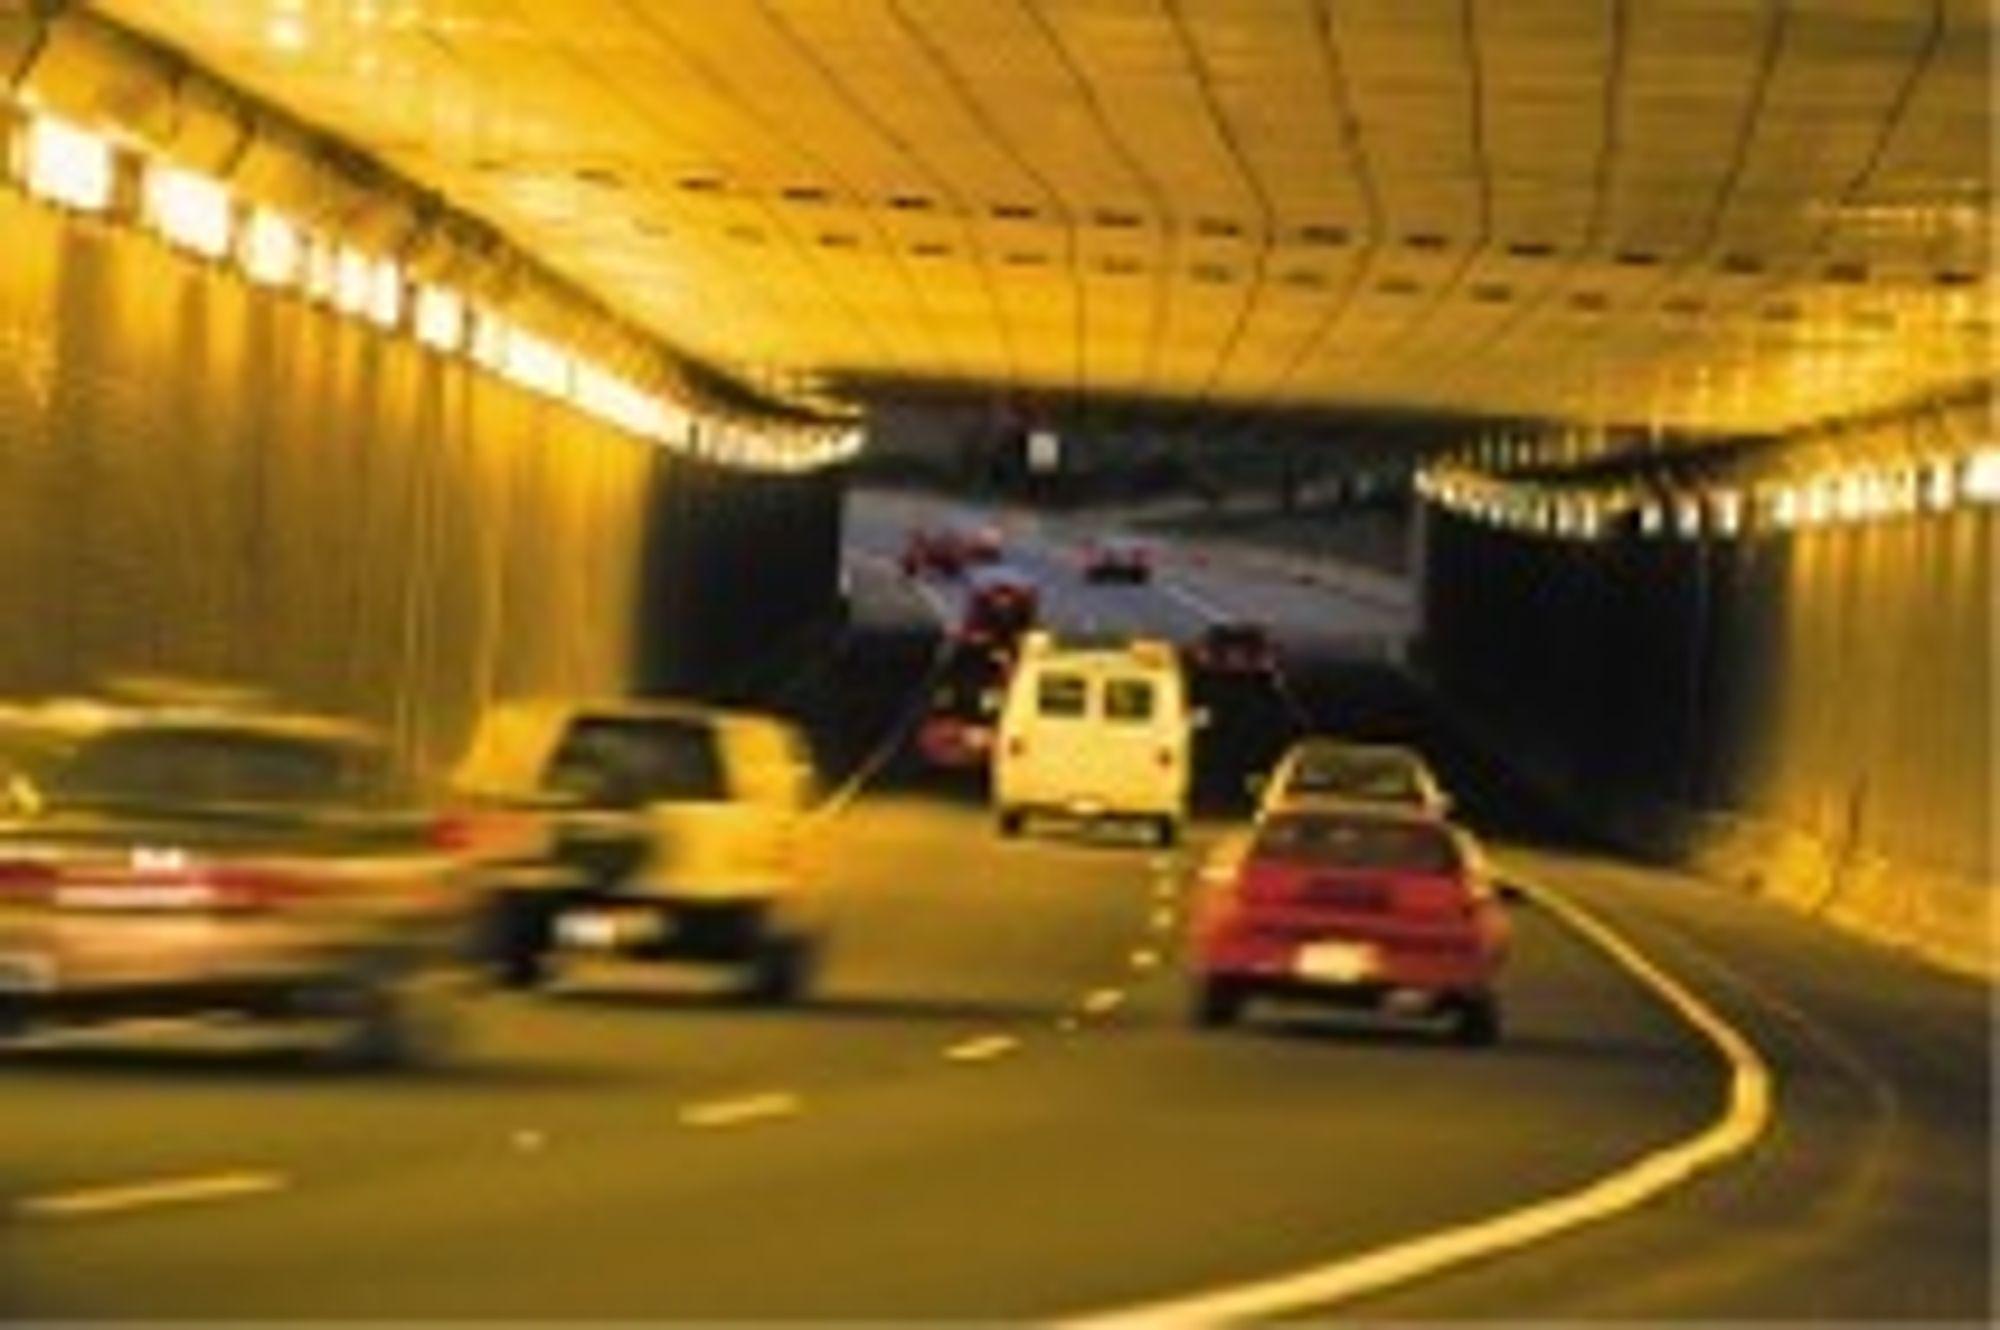 Over halvparten av bilistene vet ikke hva de skal gjøre om det blir brann i en biltunnel.